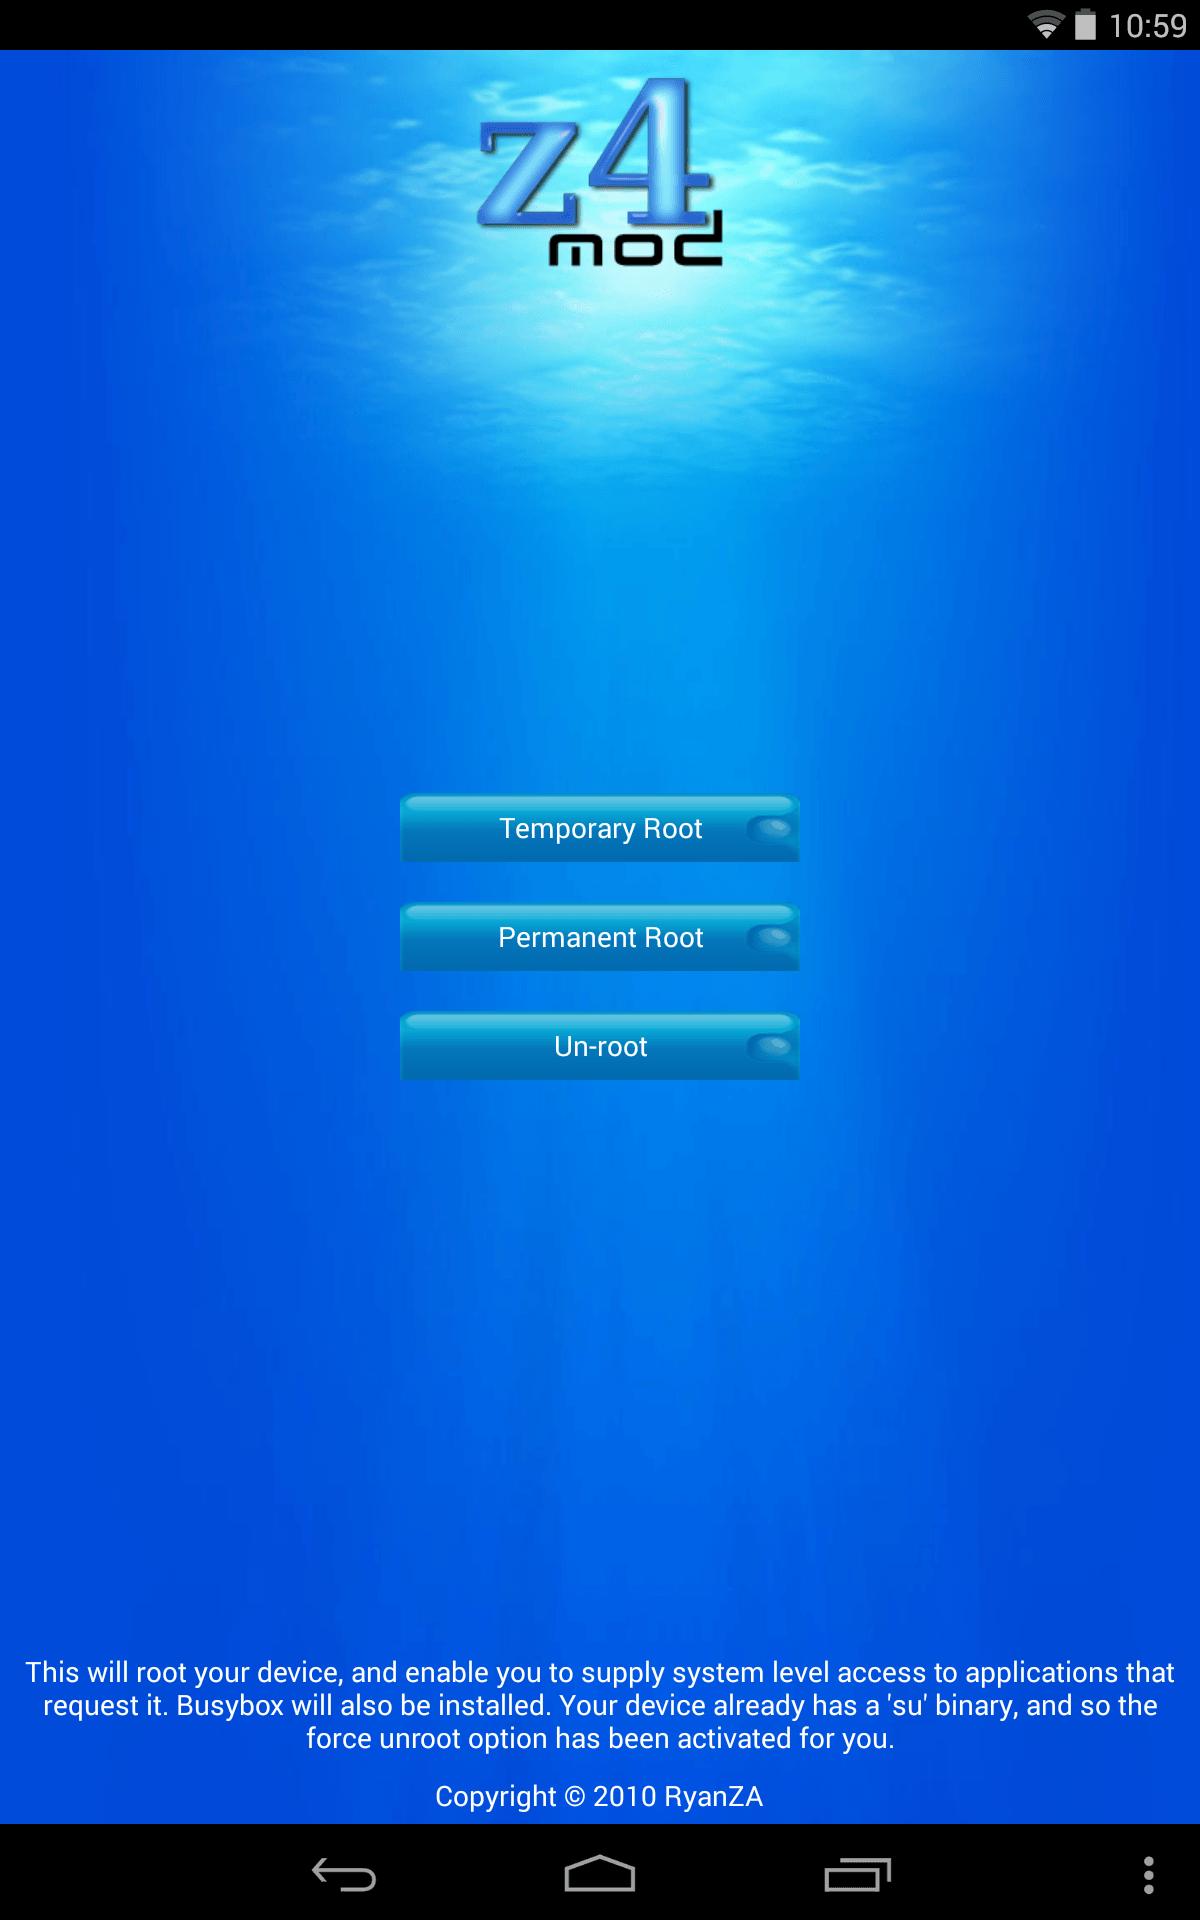 z4root скачать на Android - Системные - Android Программы - Софт - www.poegosledam.ru - все для вашего смартфона